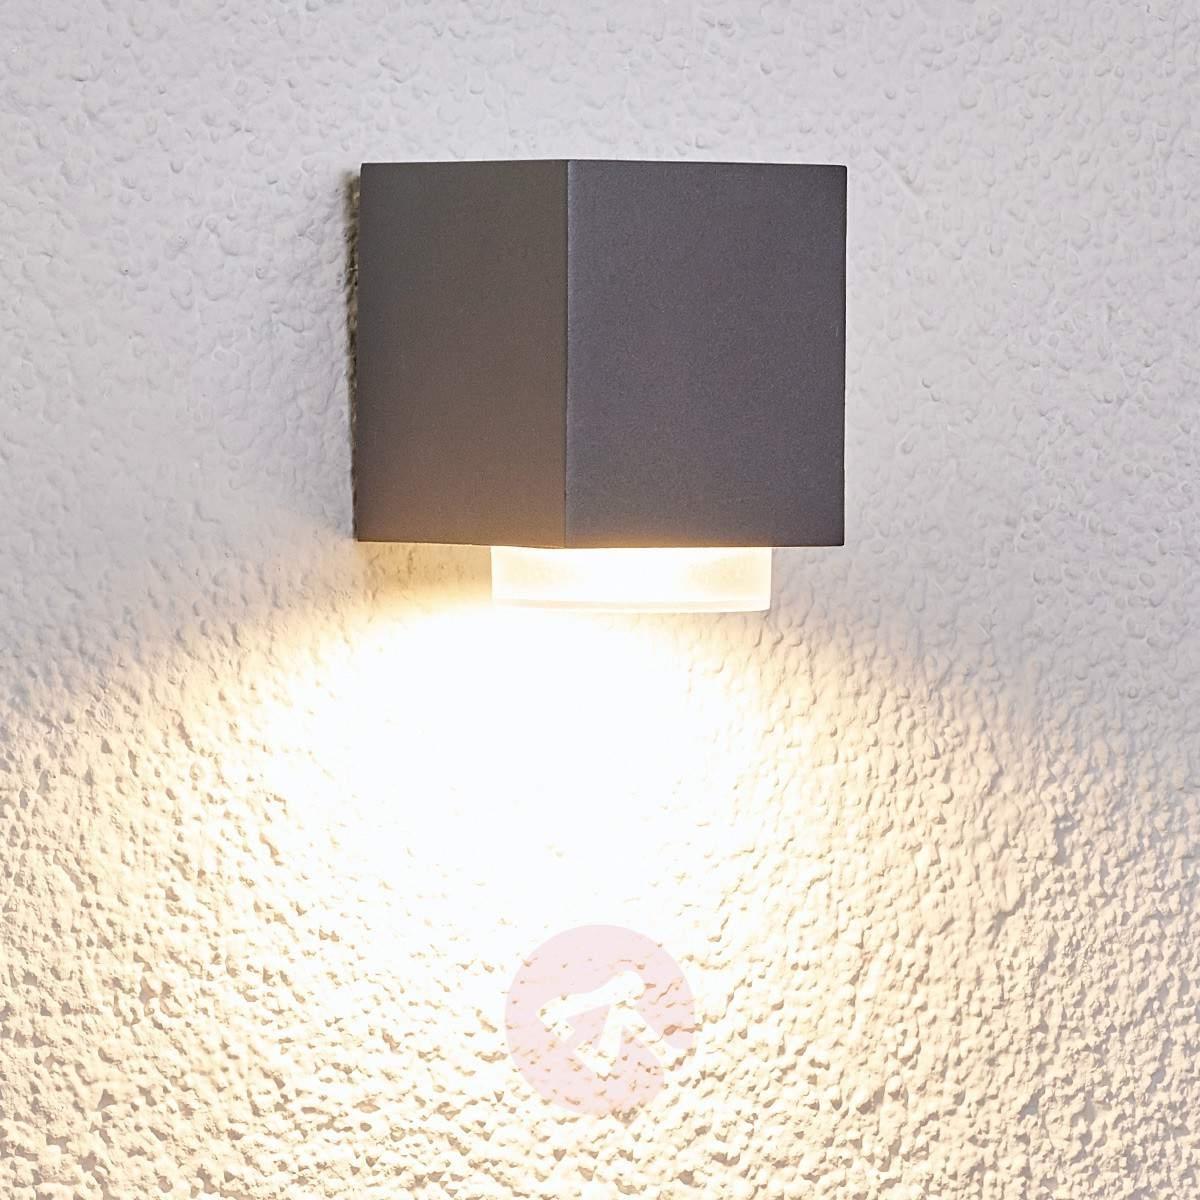 Outdoor Wall Light Jovan In Dark Grey (View 16 of 20)